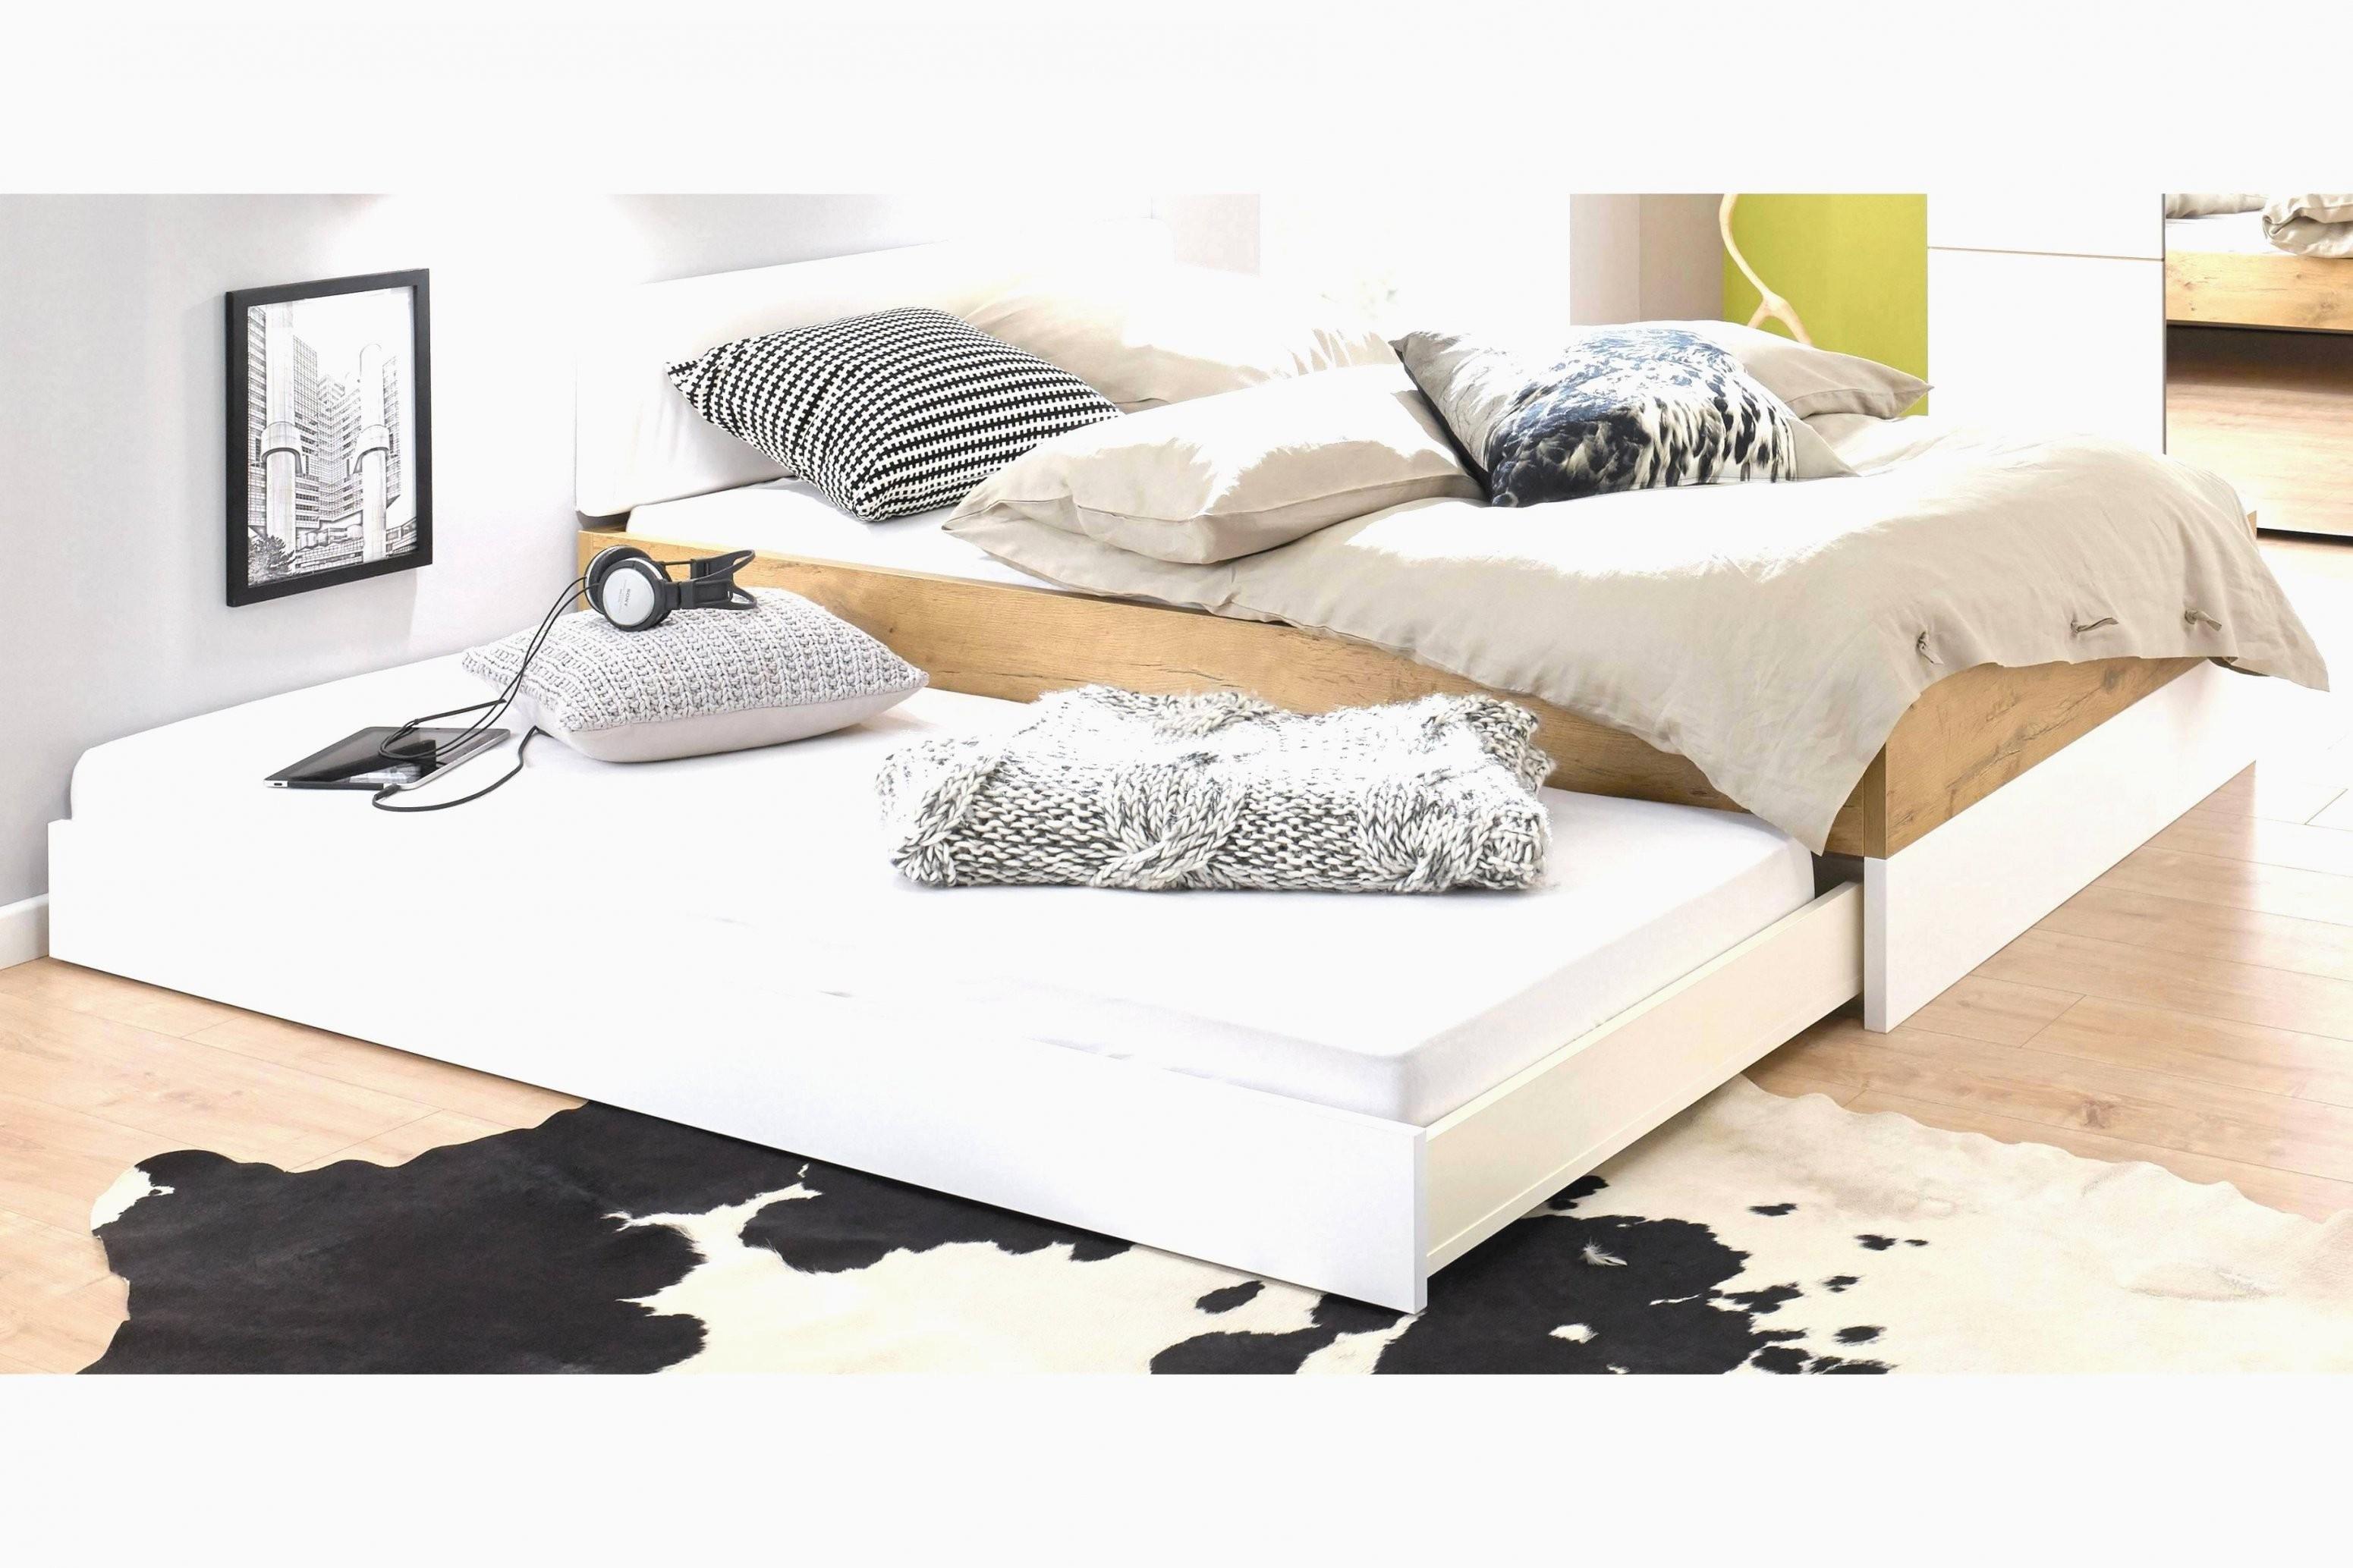 Bettgestell 140X200 Holz Inspirierend Das Beste Von 31 Bett 140X200 von Bett 140X200 Weiß Holz Bild